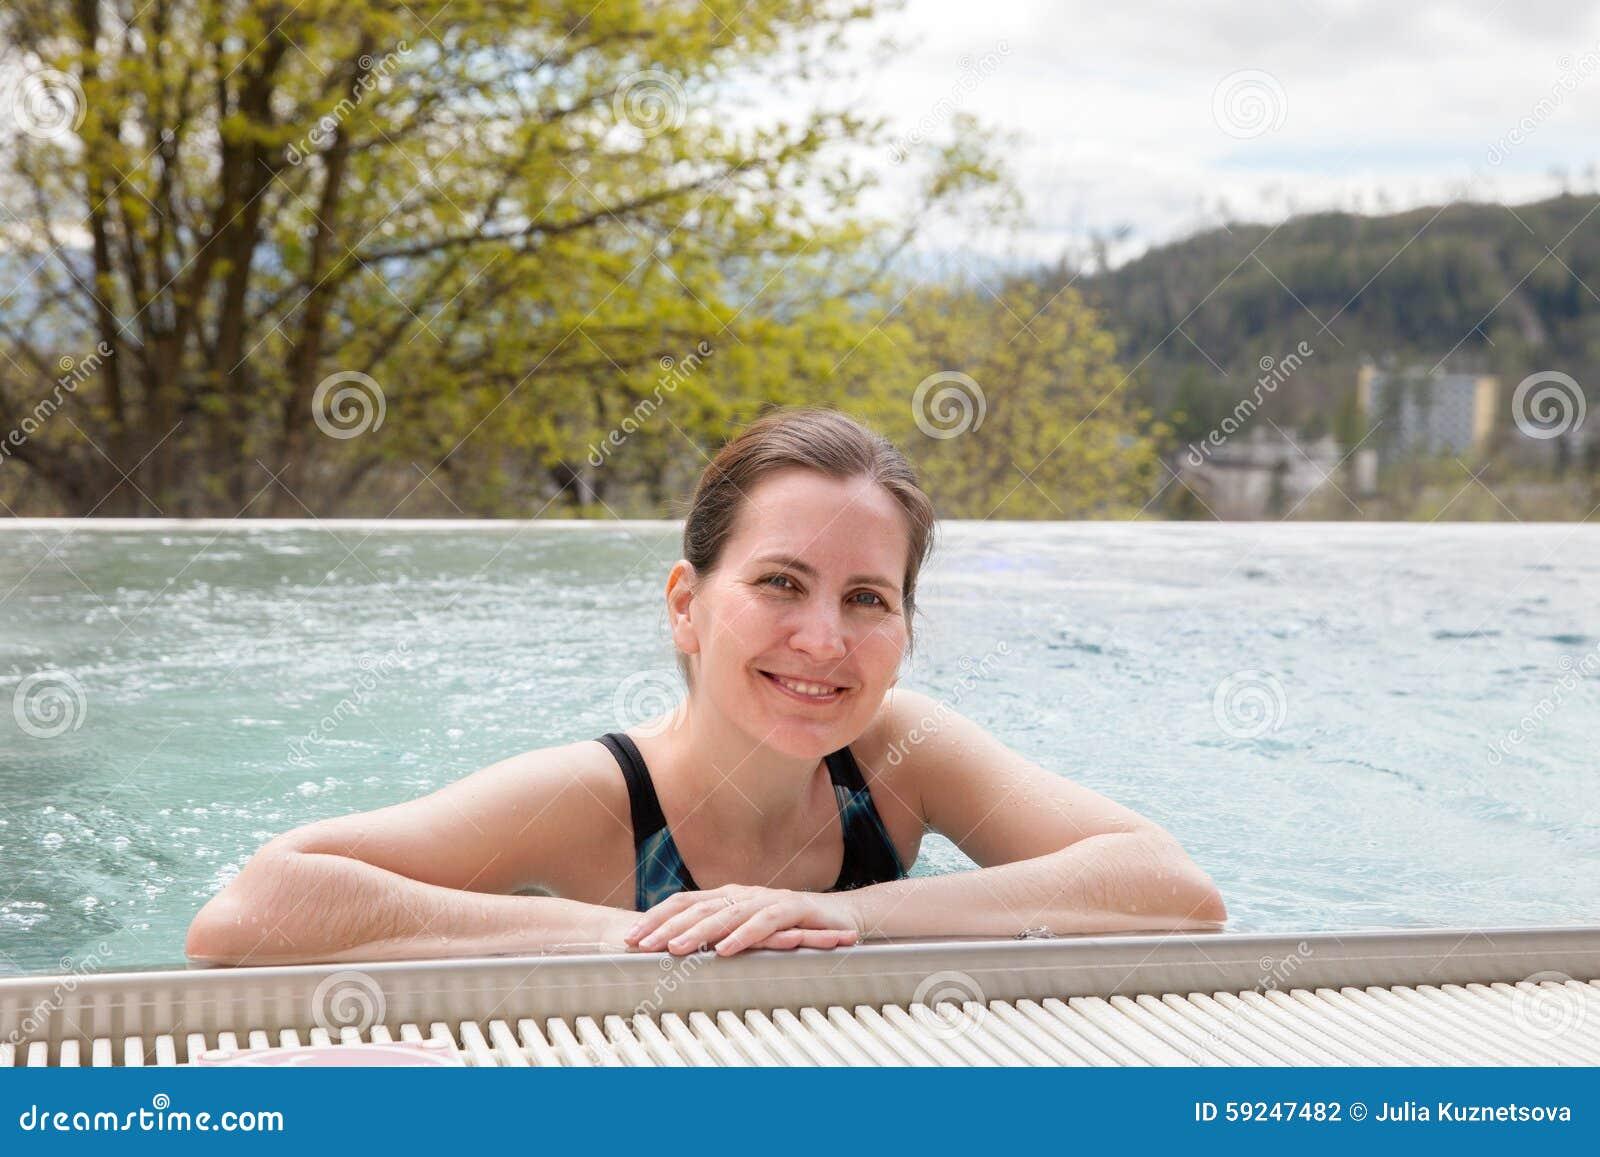 Una mujer está nadando en una piscina al aire libre en día de primavera